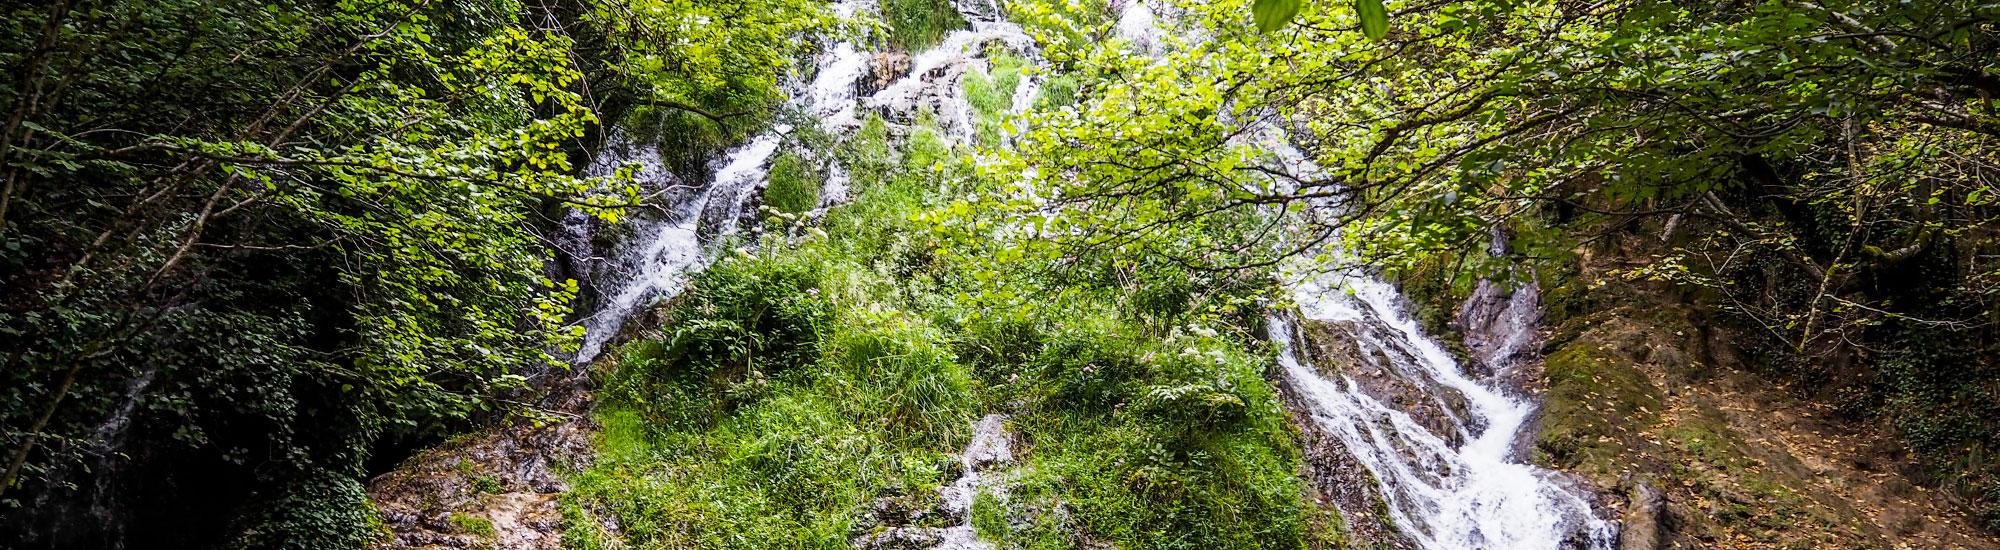 Ruta del agua. Cascada de Herrerías